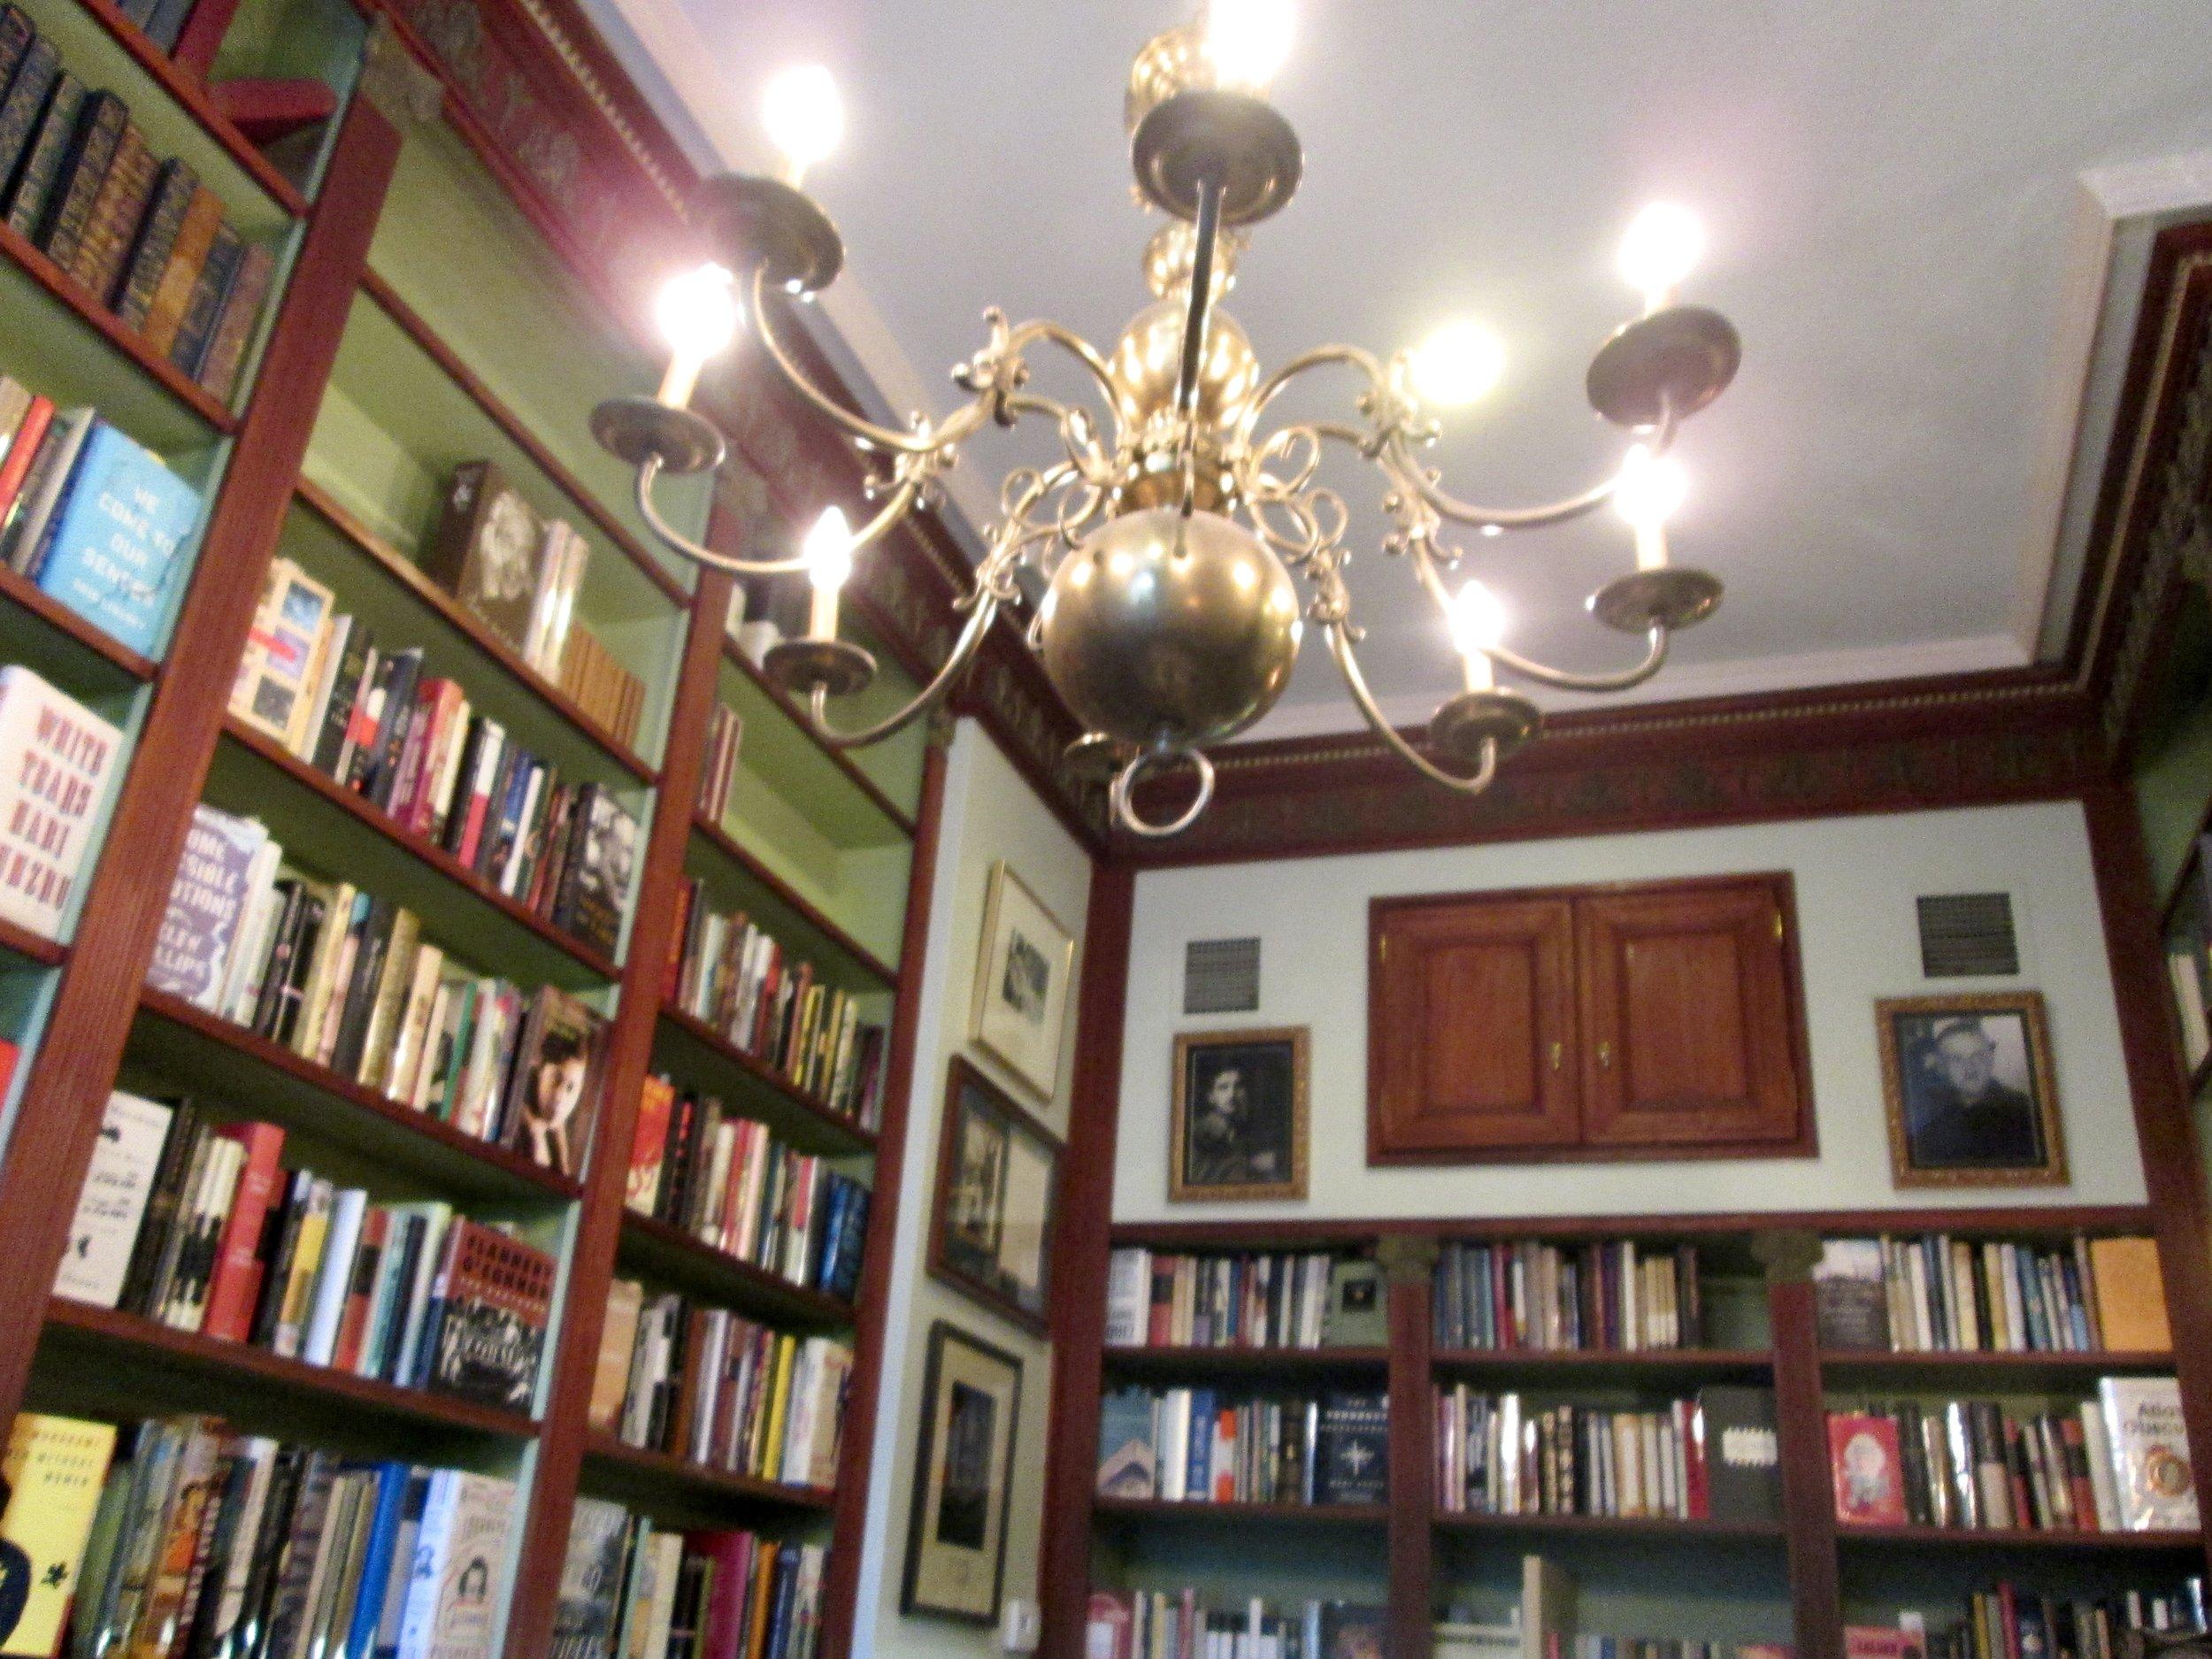 Faulkner Book House